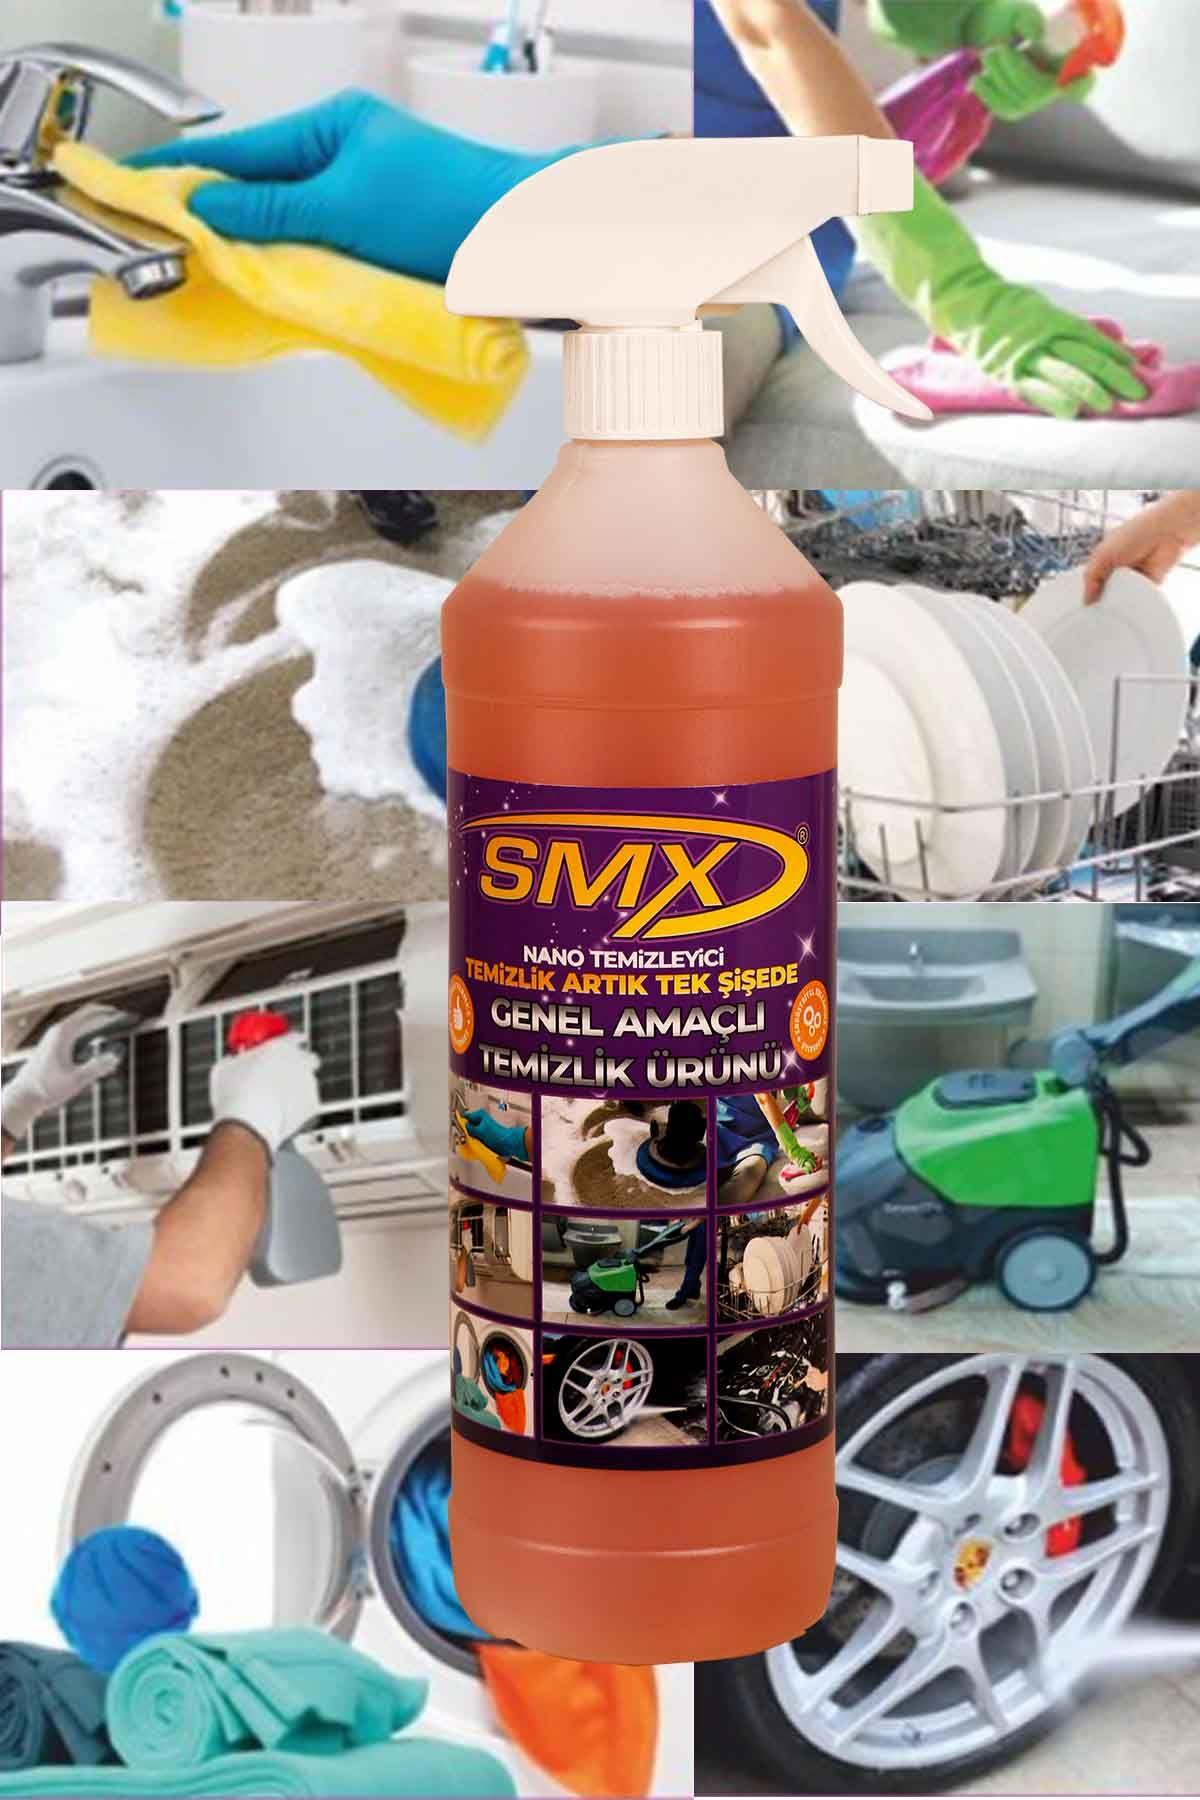 SMX Banyo Temizleyici / Fayans Temizleyici / Derz Temizleyici / Gold Nano Genel Amaçlı Temizleyici / 2'Lİ EV TEMİZLİK SETİ